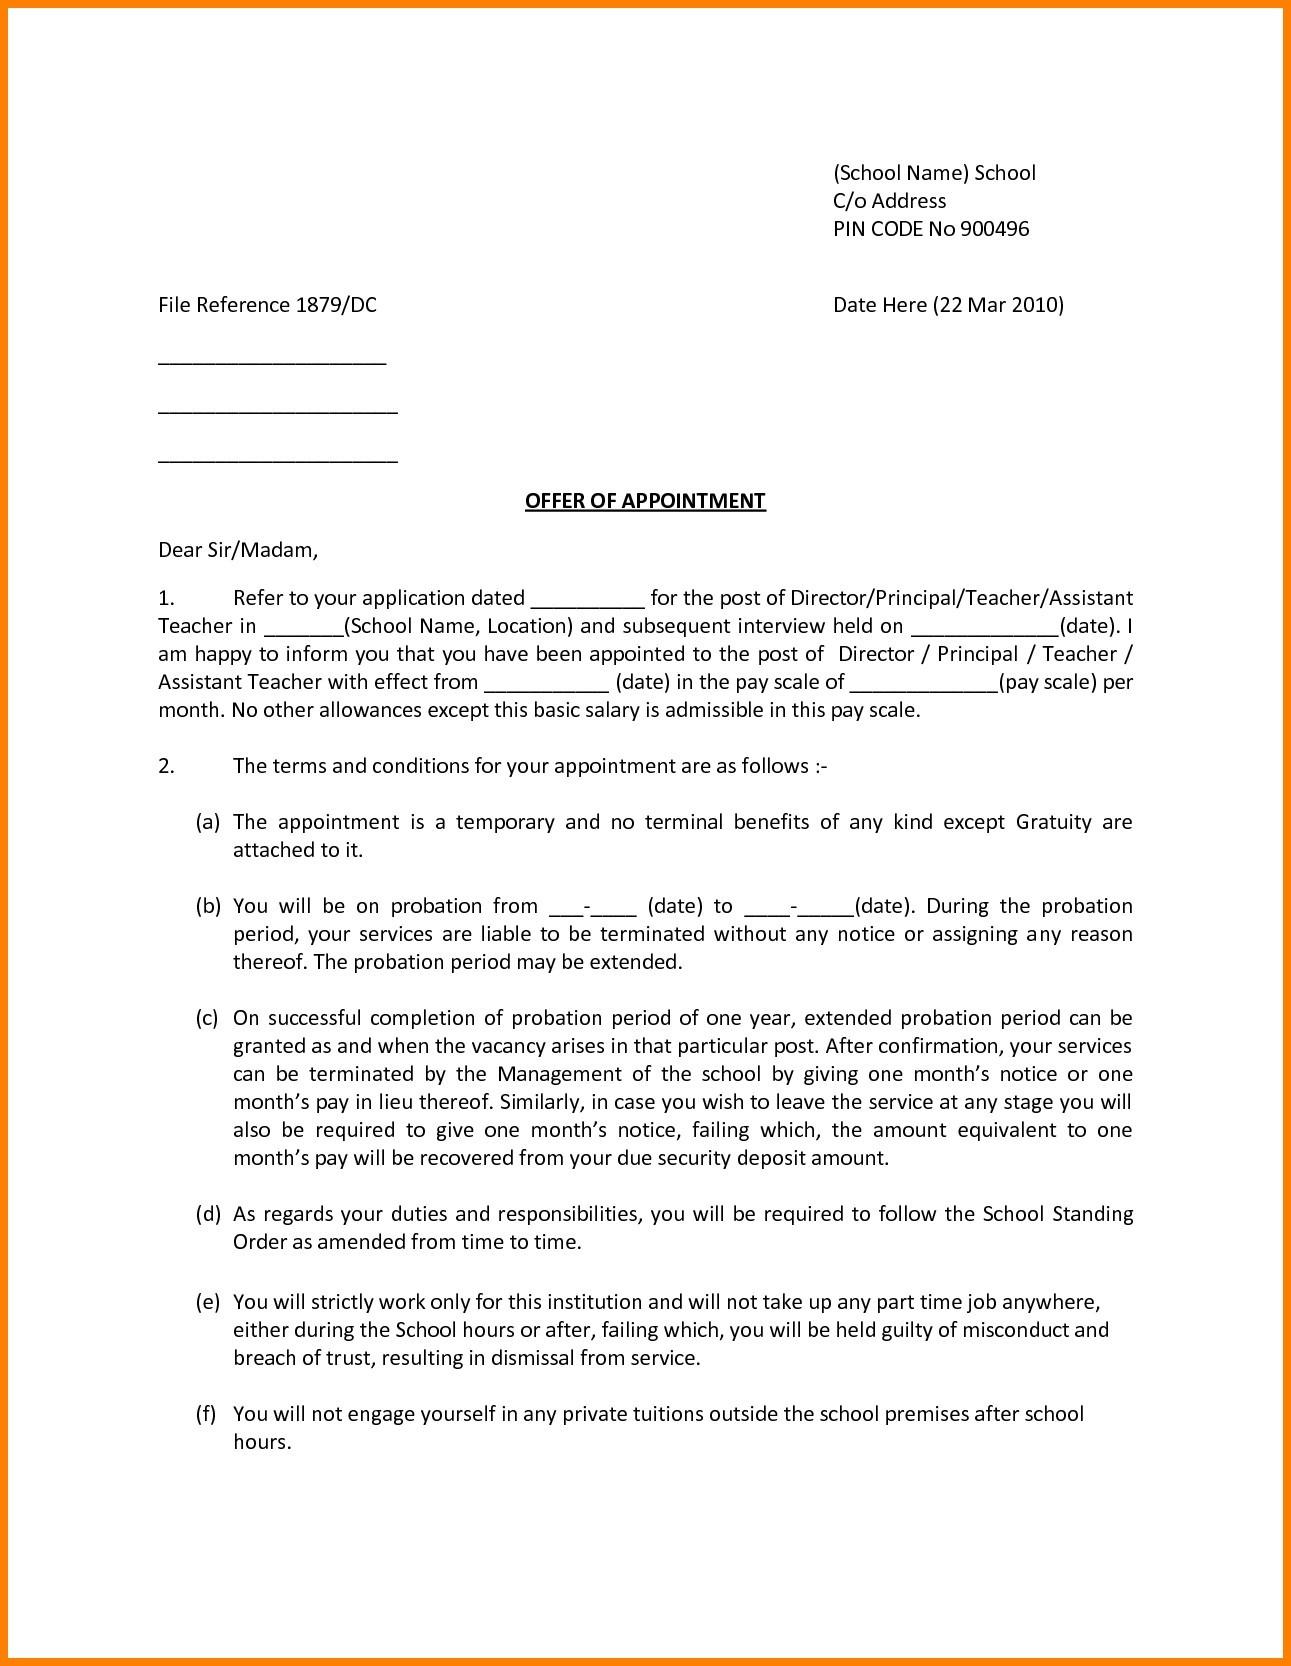 Job Offer Letter Template Pdf - Fer Letter format for A Job Save Job Fer Letter format